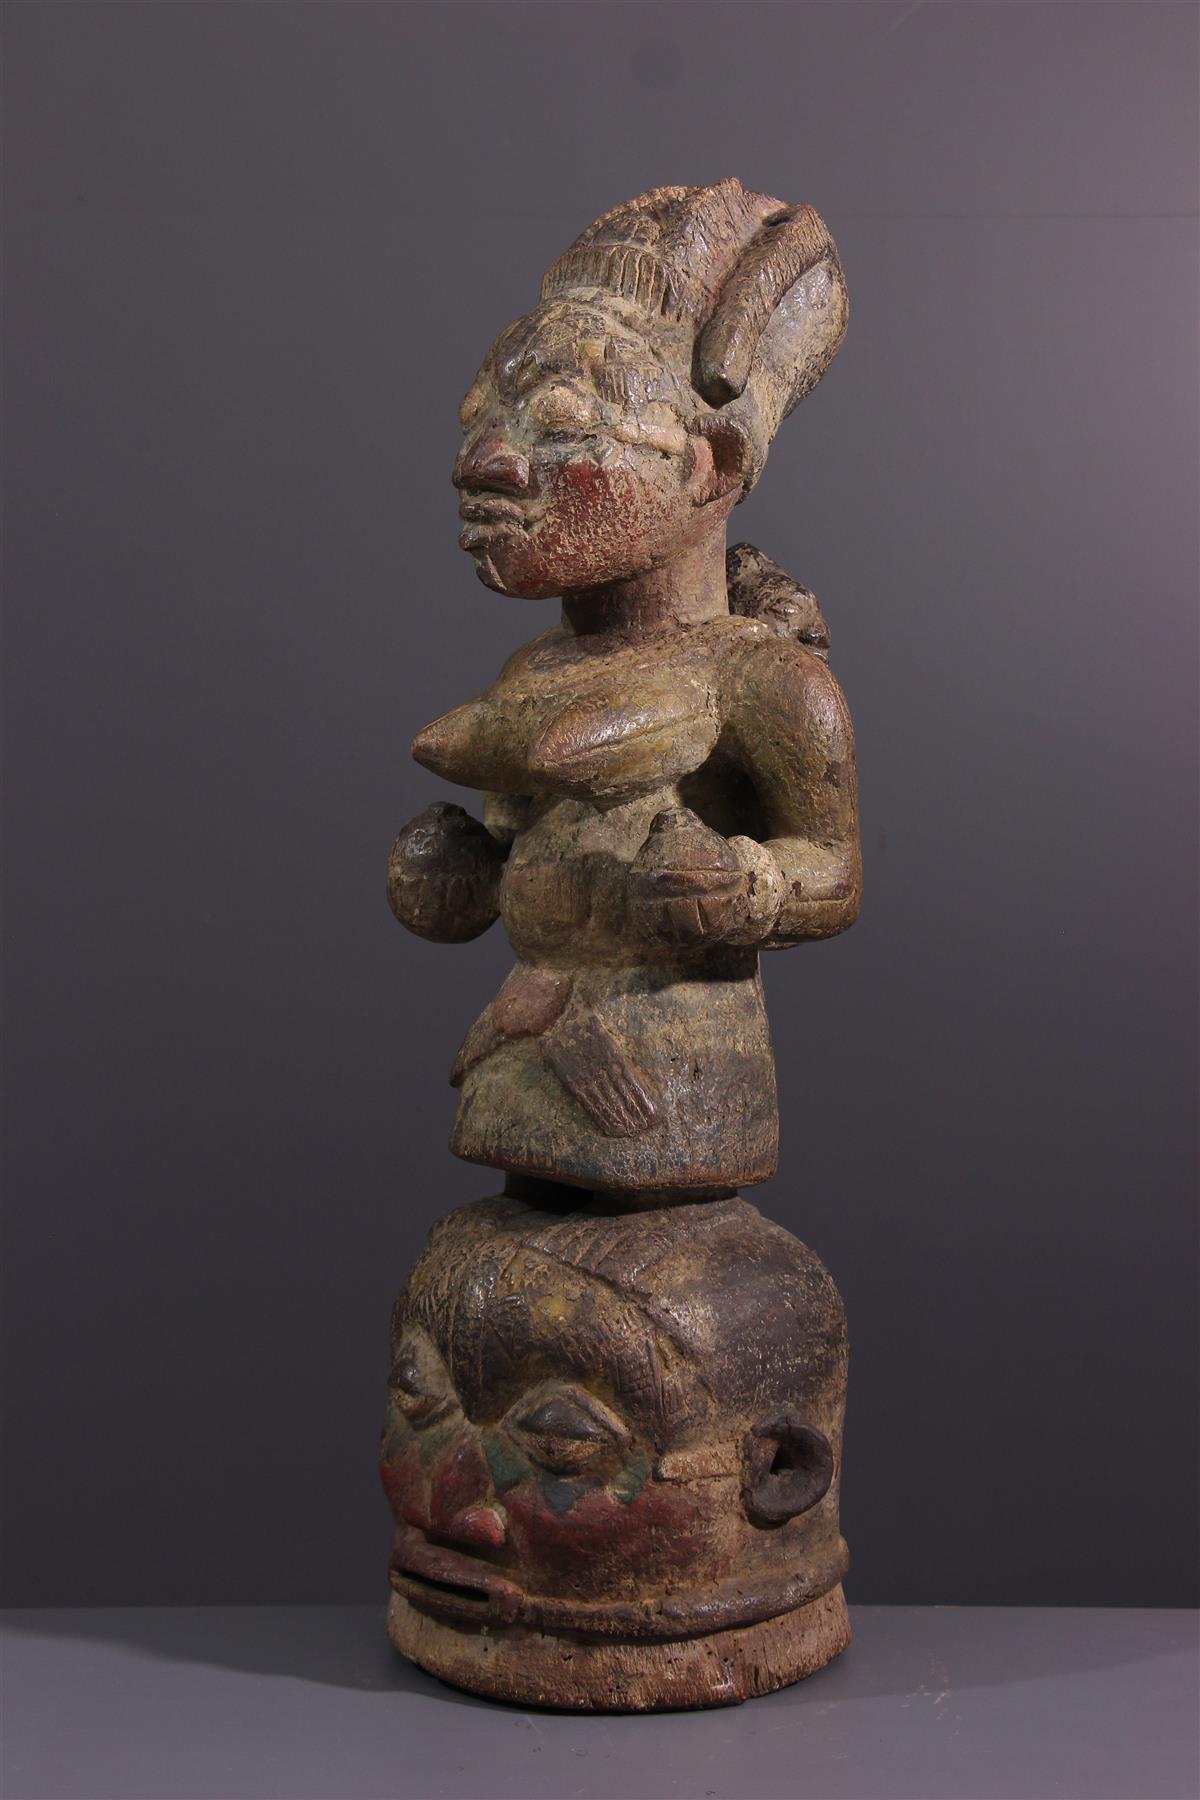 Yorouba Mask - African art